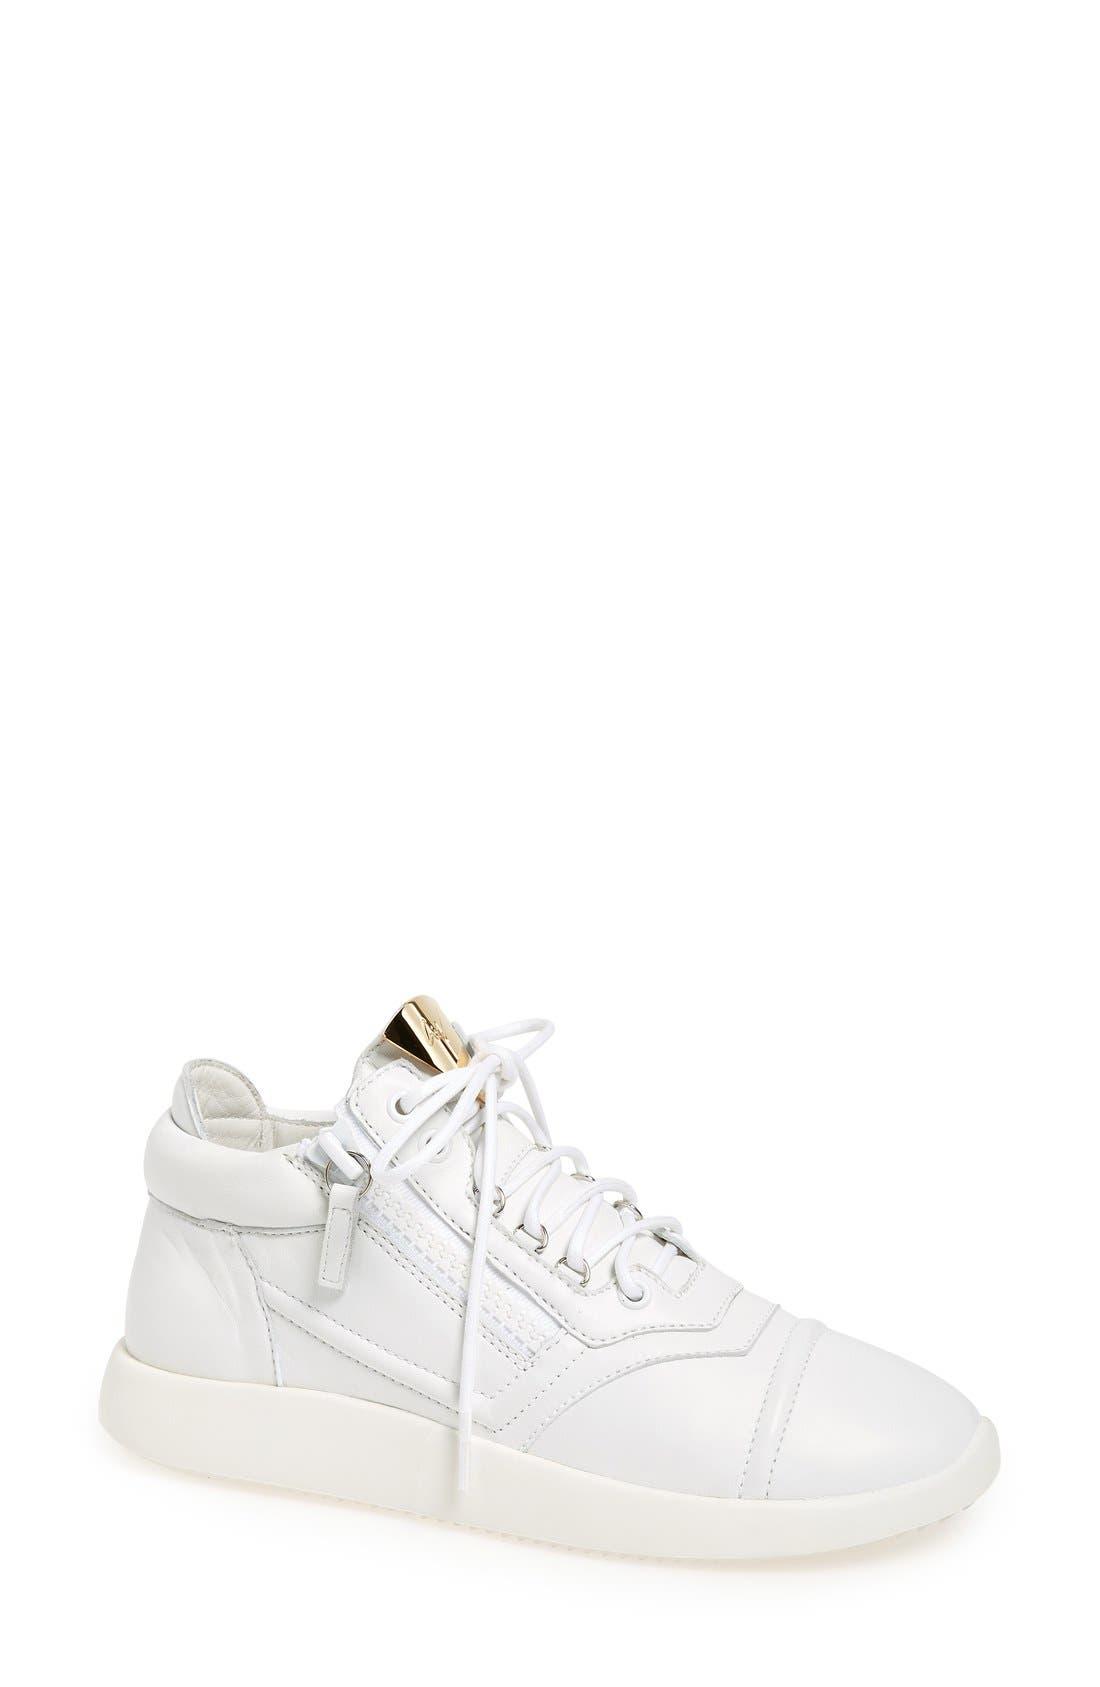 Alternate Image 1 Selected - Giuseppe Zanotti Side Zip Low Top Sneaker (Women)